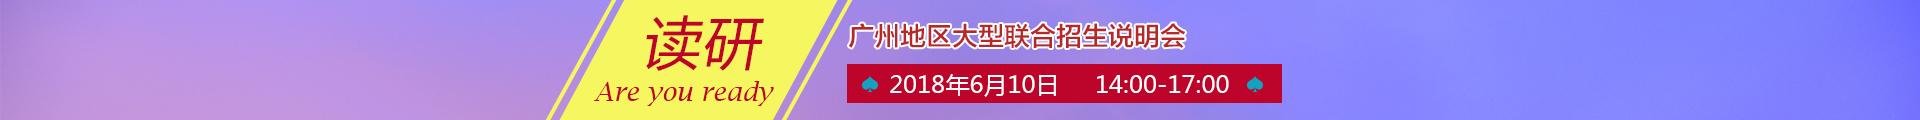 广州地区2017首场在职读研招生说明会